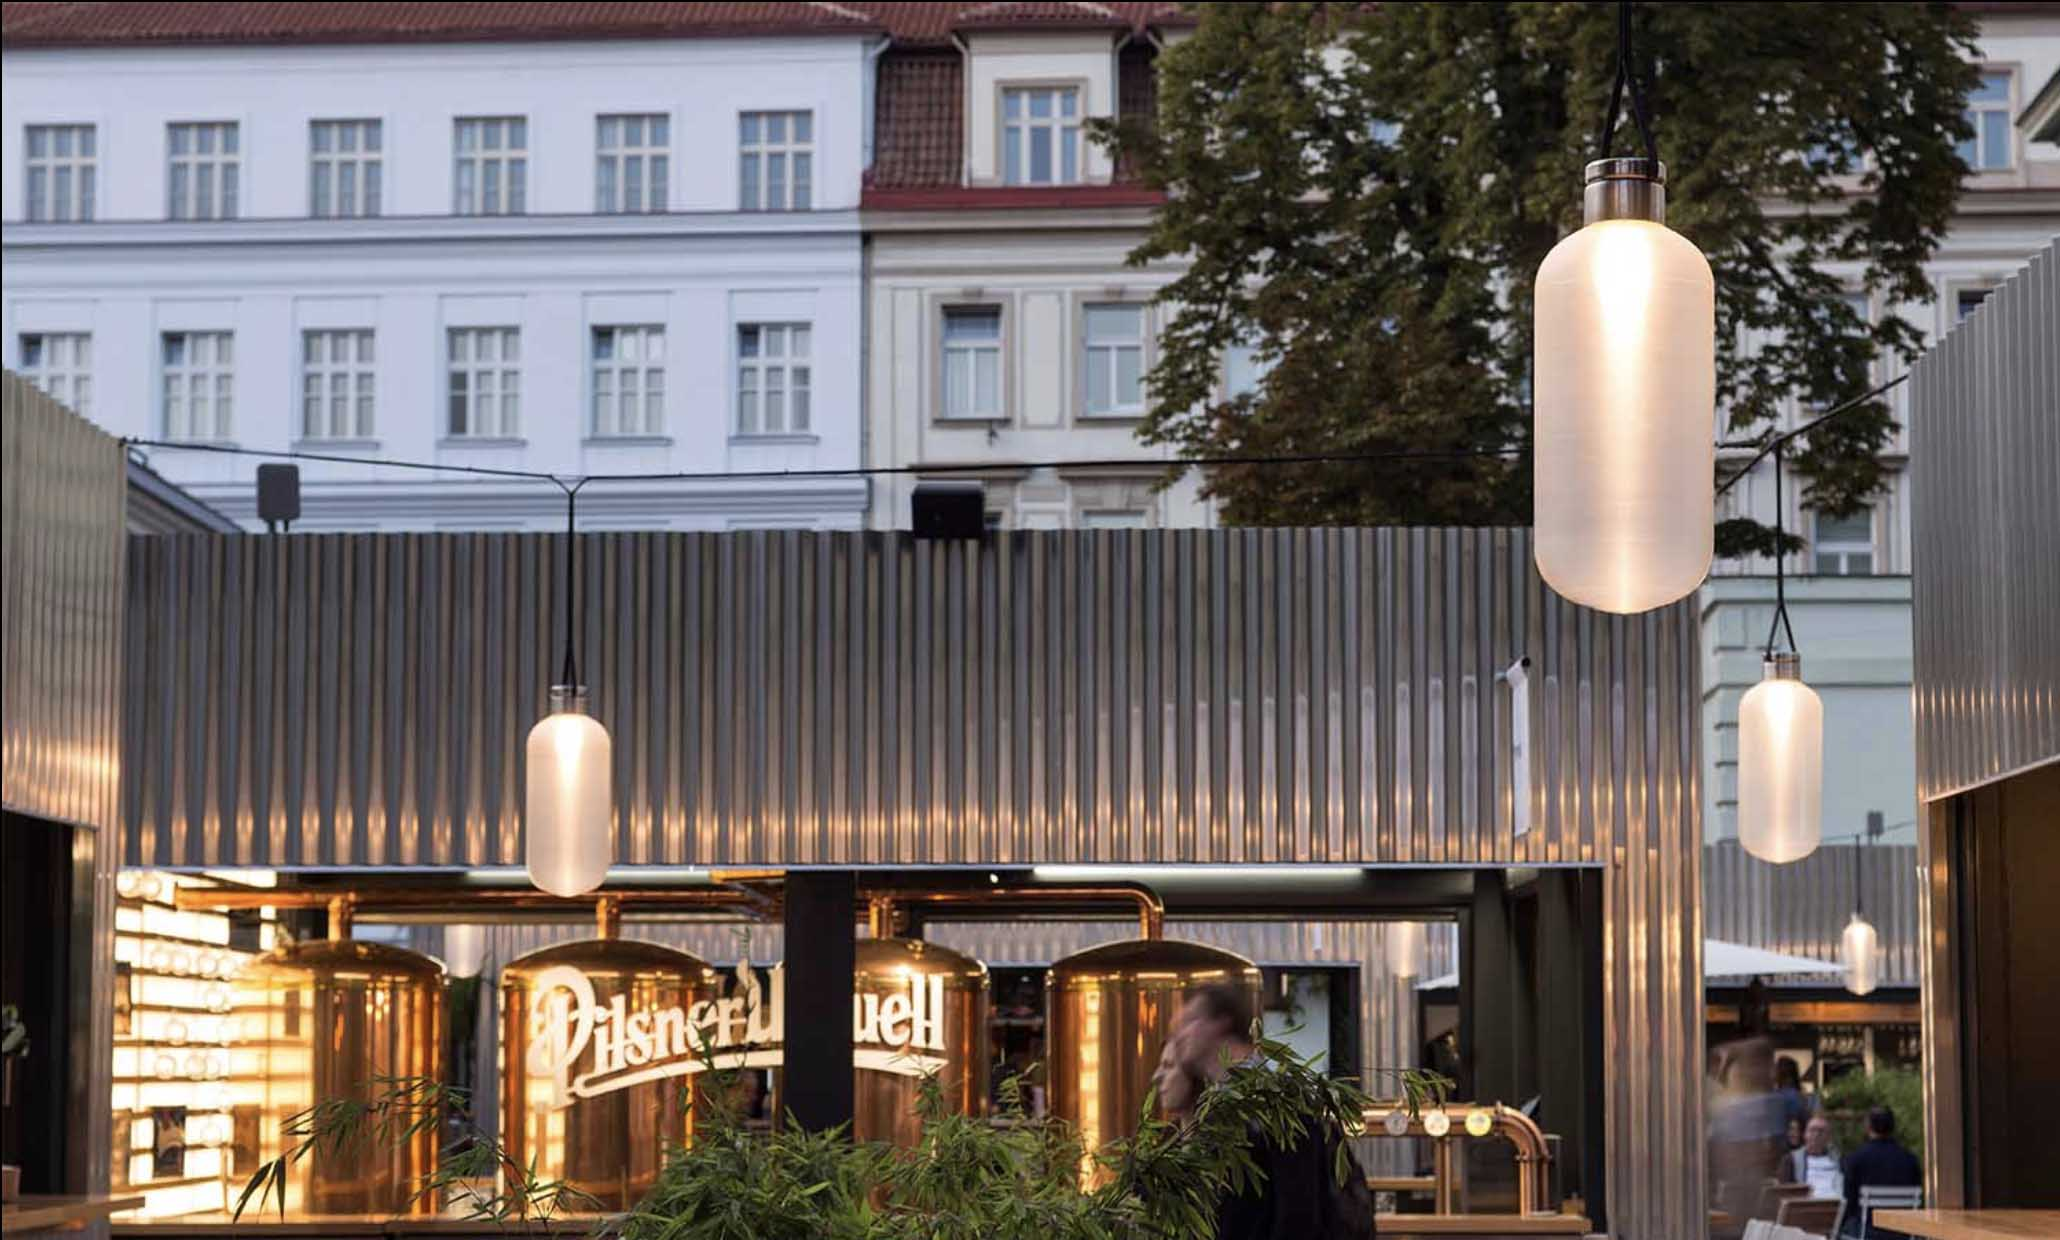 Pod taktovkou arci archi studia Chybik+Krištof - ve spolupráci s KOMA Modular - vznikl tenhle gastronomický market. Místo pro zážitky. A nad tím vším visí naše světla PETing v exteriérové úpravě.